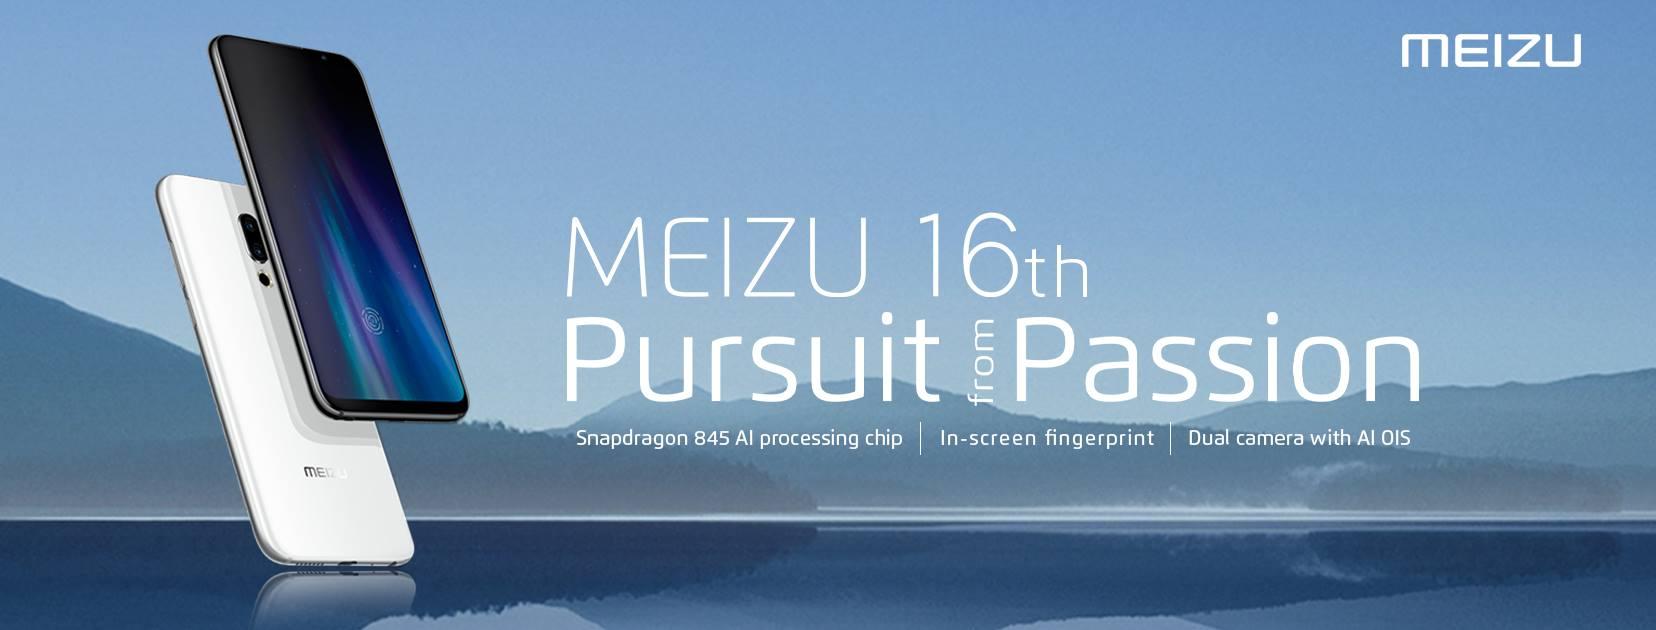 フィリピン市場向けにMeizu 16thを発表。6GB+64GBモデルが24,990PHP(約54,000円)